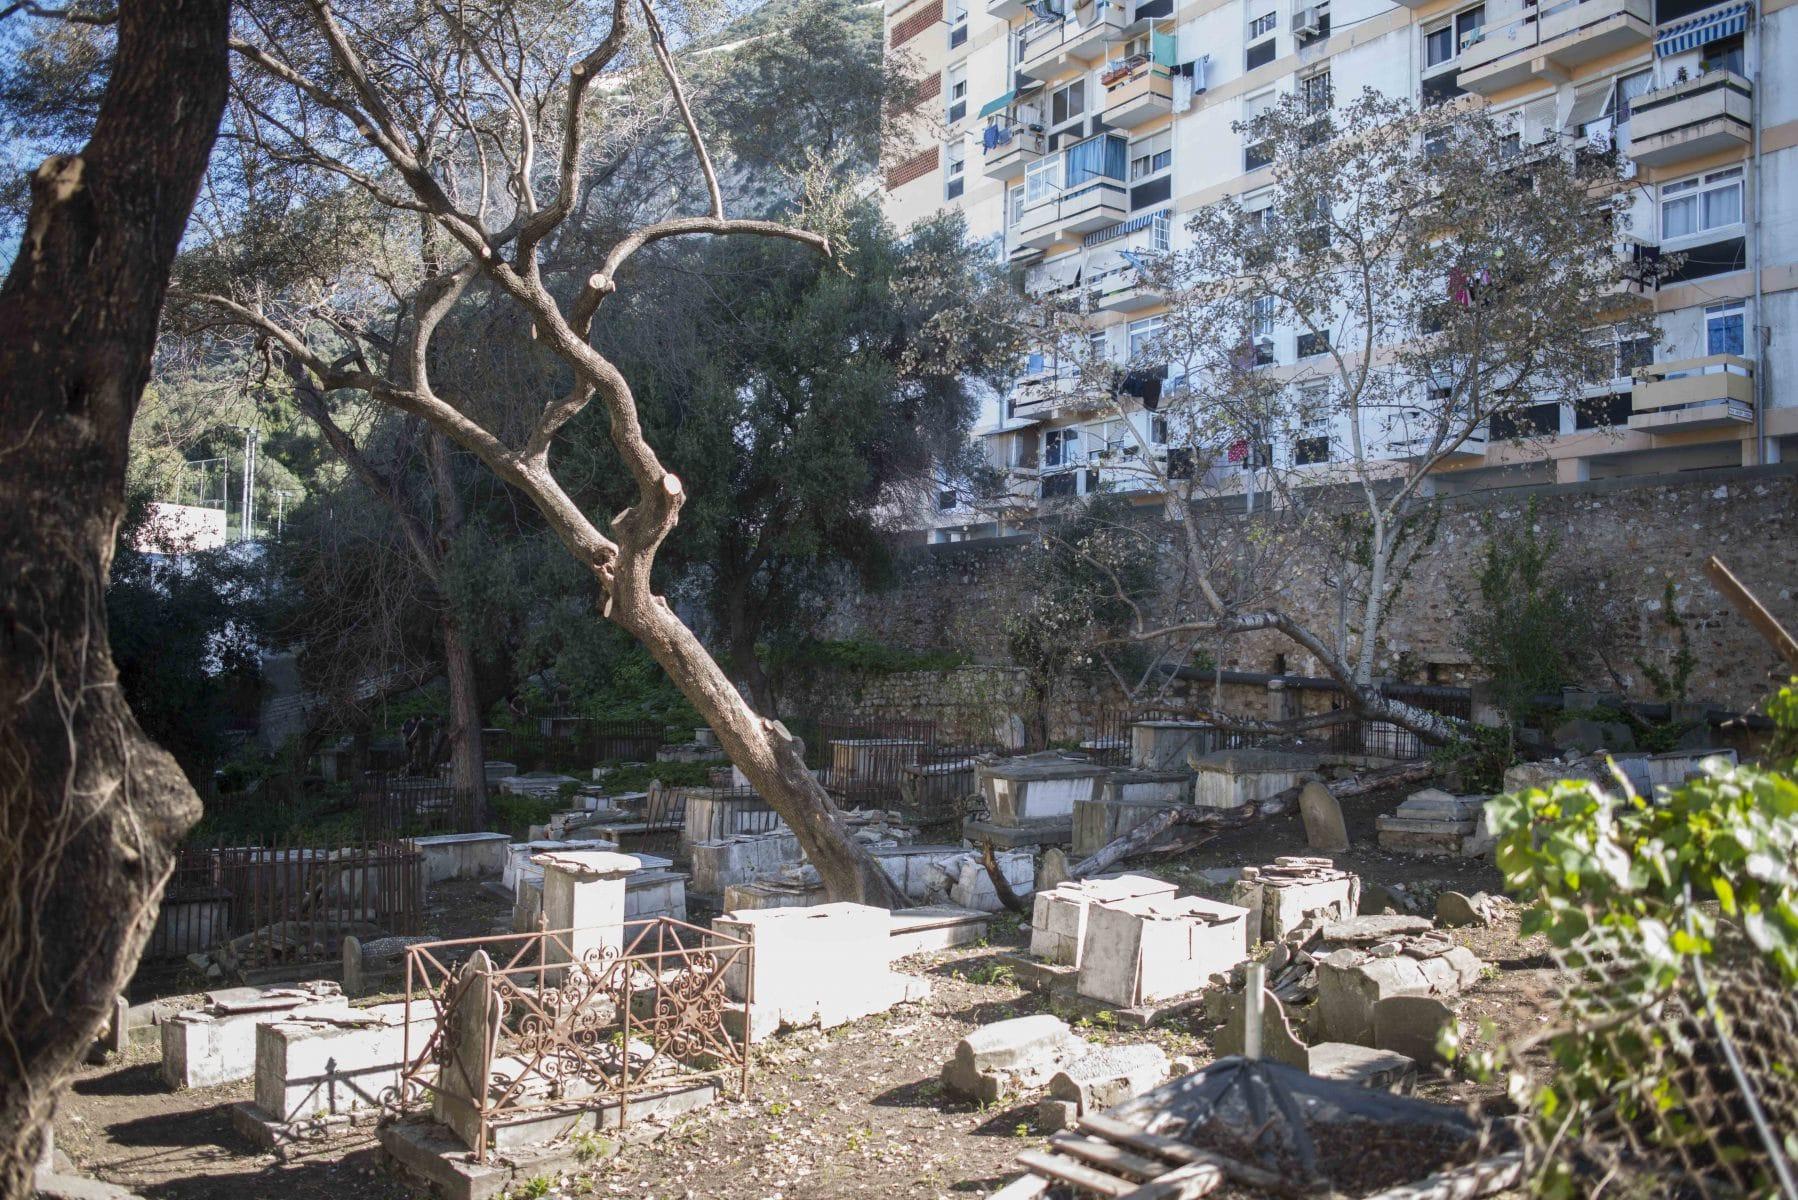 restauracin-cementerio-witham-31_25477577925_o